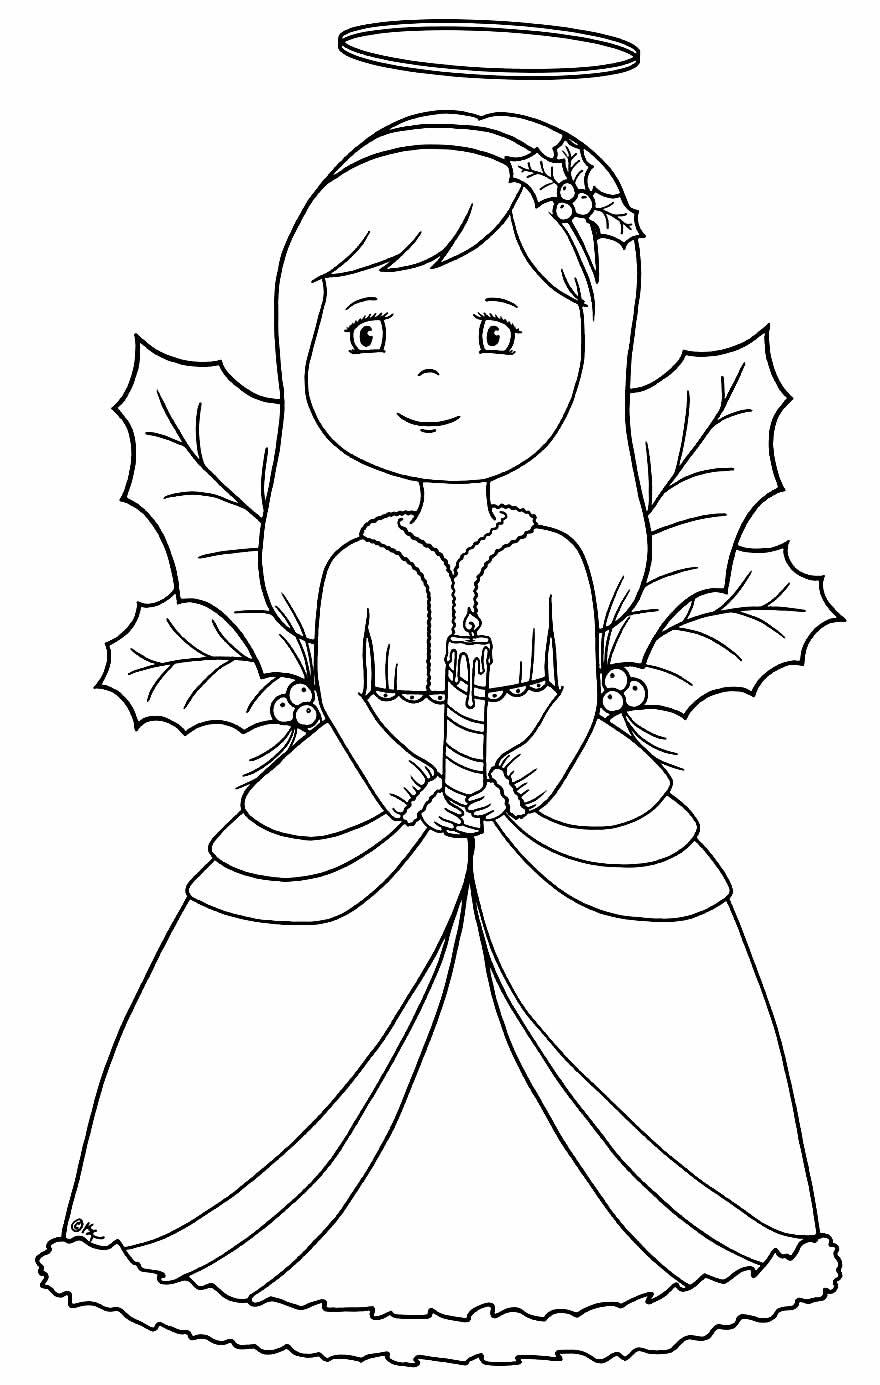 Desenho de anjas para colorir